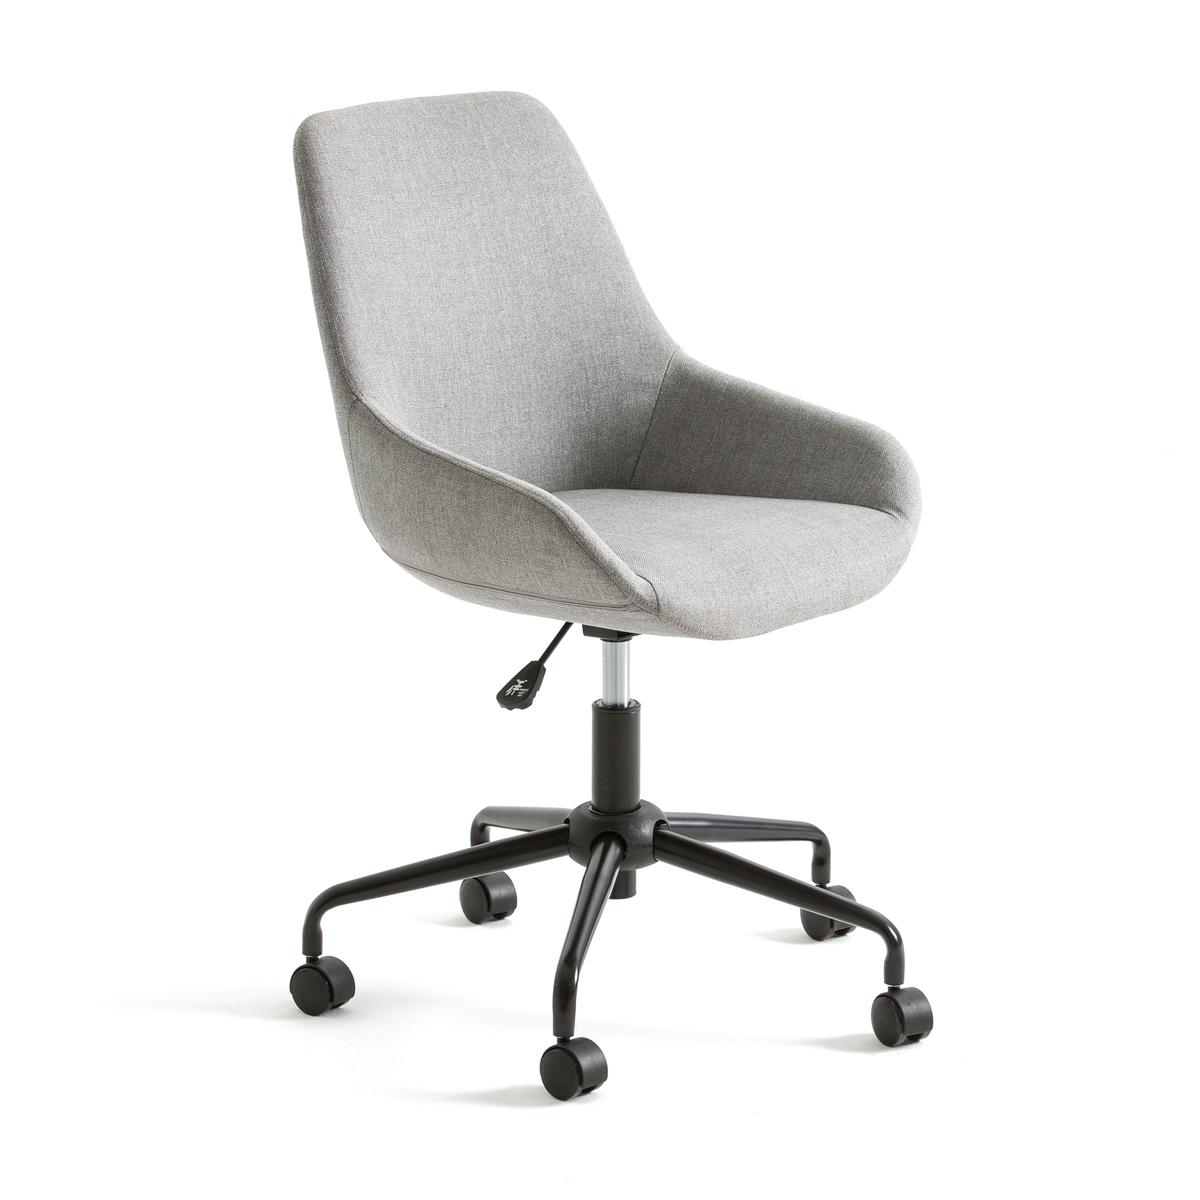 Кресло офисное на роликах, ASTINGОписание:Офисное кресло на роликах ASTING. Это кресло современного дизайна имеет все преимущества, чтобы обеспечить оптимальный комфорт во время работы. Описание офисного кресла ASTING :Кресло на роликах, регулируемых по высоте Поворачивающееся сиденье Характеристики офисного кресла ASTING : Обивка ткань 100% полиэстер Каркас из фанеры и стали Наполнитель спинки и подлокотников пеноматериал 25 кг/м3 Наполнитель сиденья пеноматериал 35 кг/м3 Ножка из стали, покрытой эпоксидным лаком, с 5 роликами из полипропилена Размеры офисного кресла ASTING :Общие : Ш60,5 x Г60,5 x В регулируемая 83,5/93,5 см Сиденье : Ш39 x Г41,5 x В регулируемая 46,5/56,5 смРазмеры и вес упаковки :1 упаковка Ш70 x Г61,5 x В37,5 см, 11,5 кг :Доставка:Товар будет доставлен до двери по предварительной договоренности!Внимание! Убедитесь в том, что доставка товара возможна, учитывая его габариты.<br><br>Цвет: серый